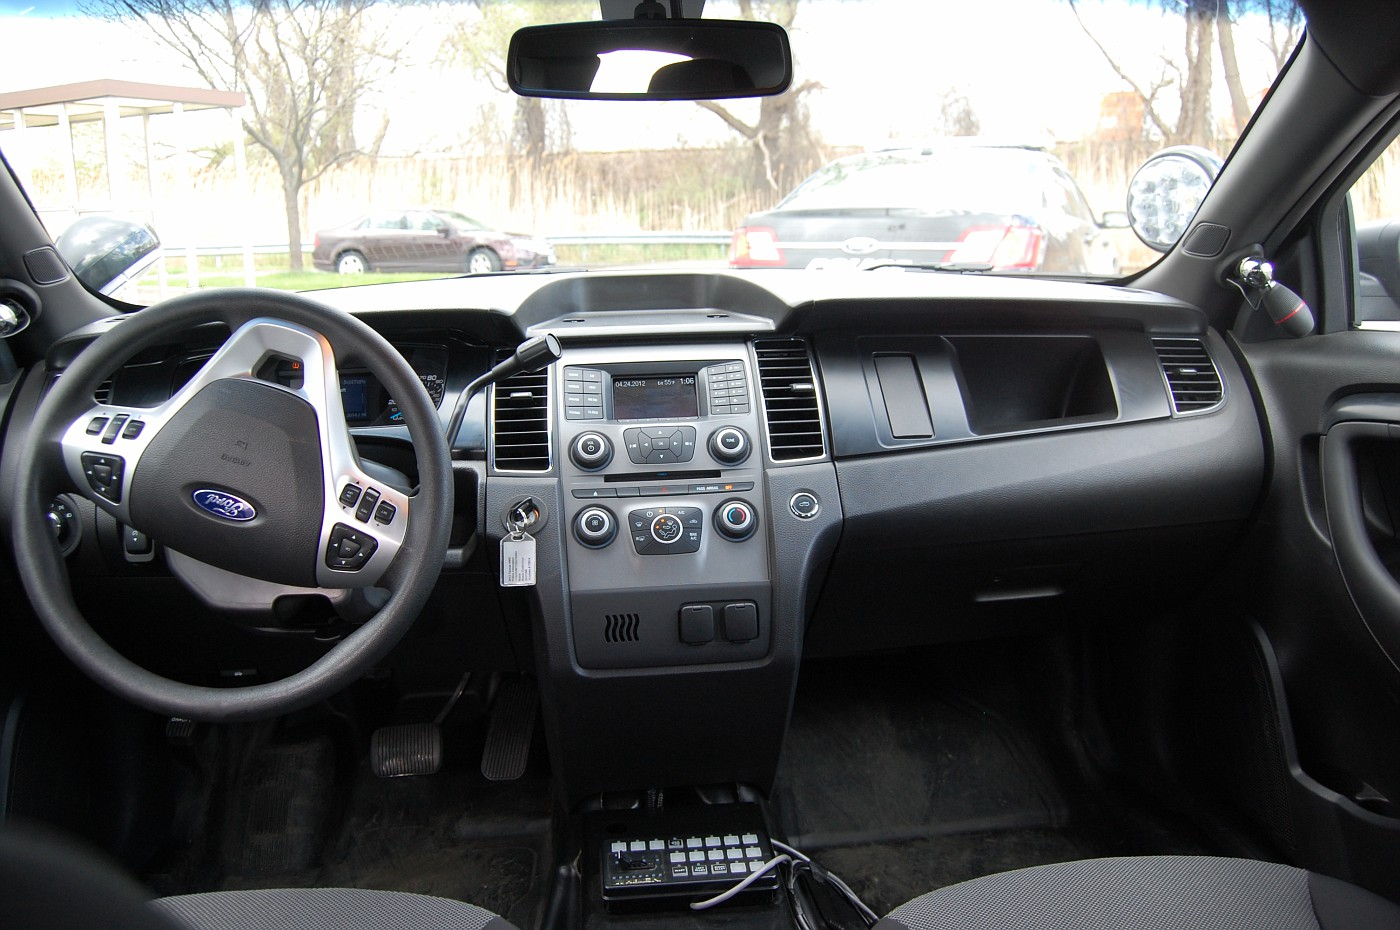 Sedan interior